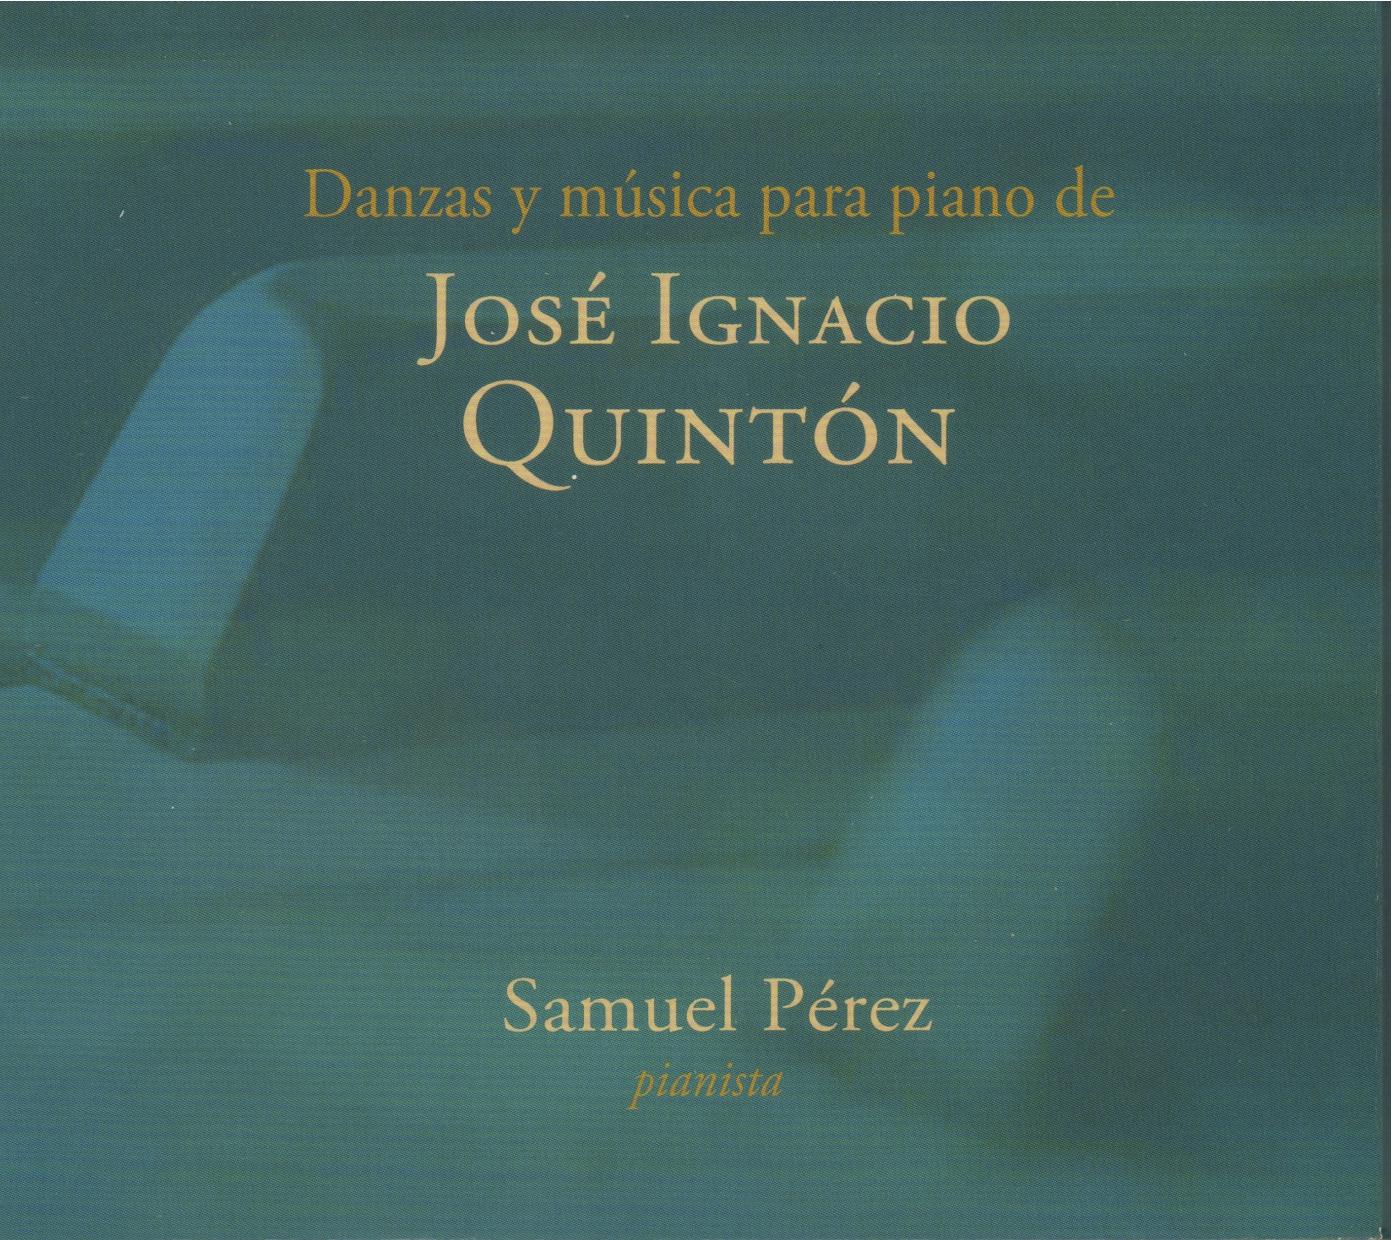 ICP/G-2015-1: Danzas y música para piano de José Ignacio Quintón